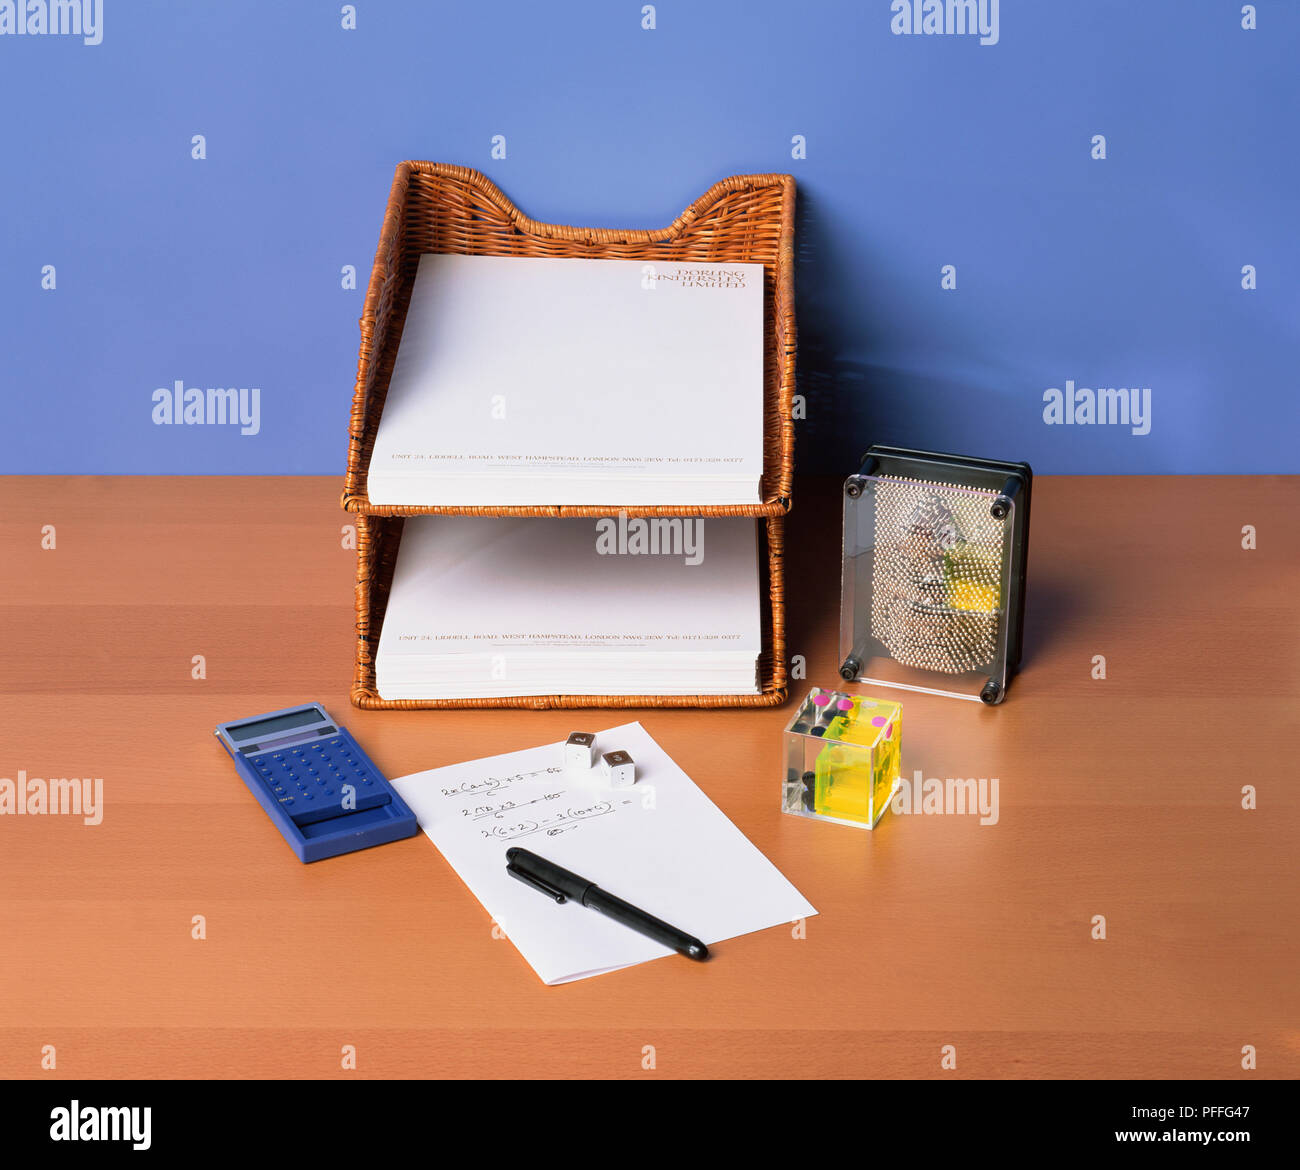 Ein Schreibtisch In Fach Mit Papier Gefüllt Pin Kunst Schreibtisch